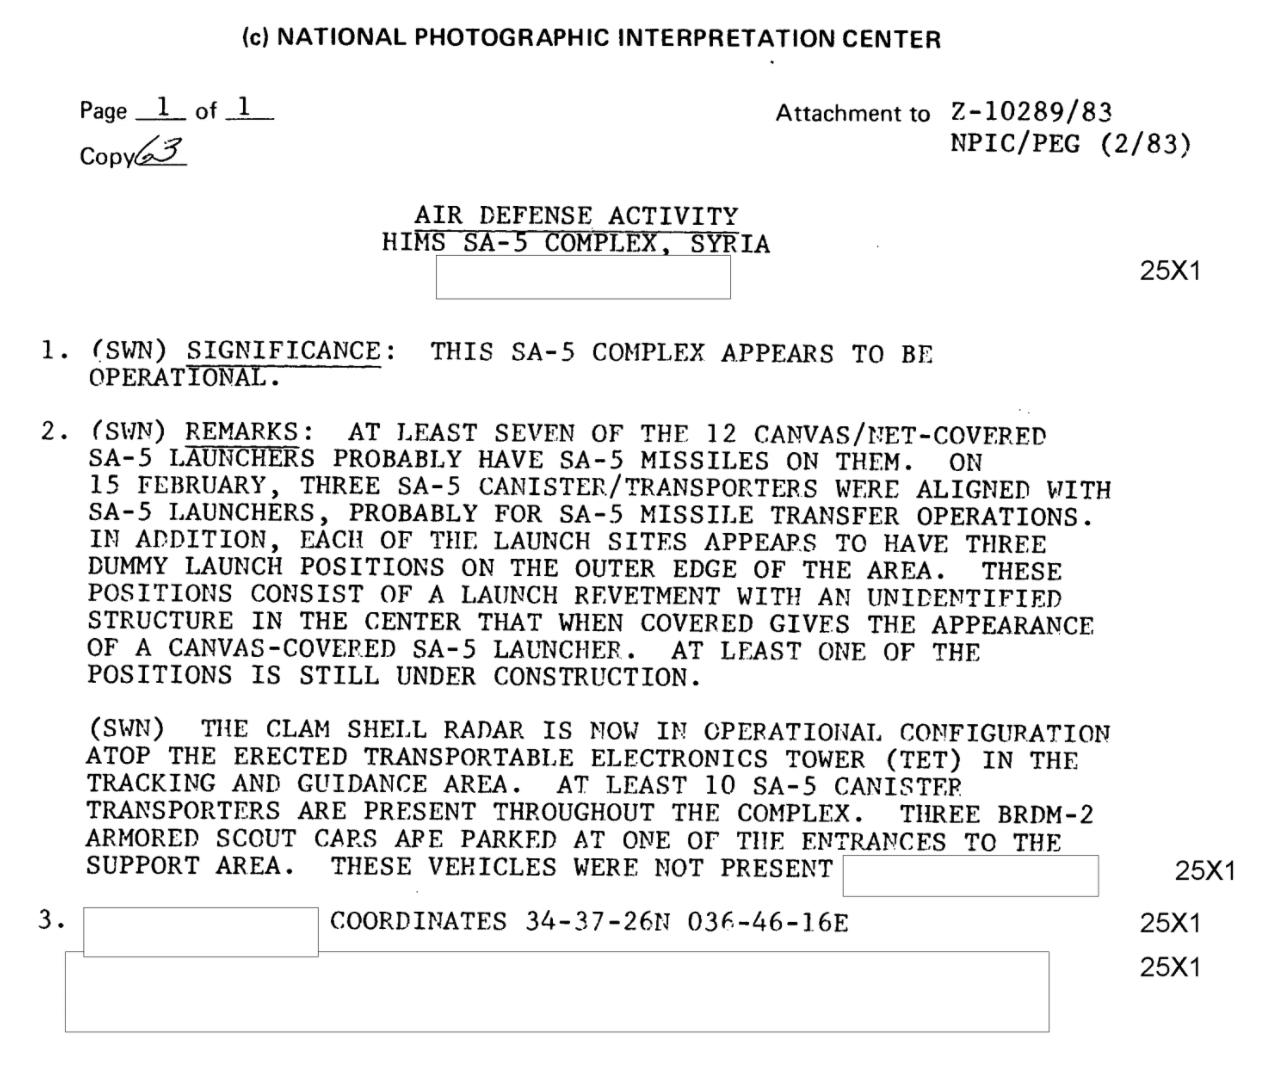 SA-5 SAM identified in Syria (CIA FOIA RR)